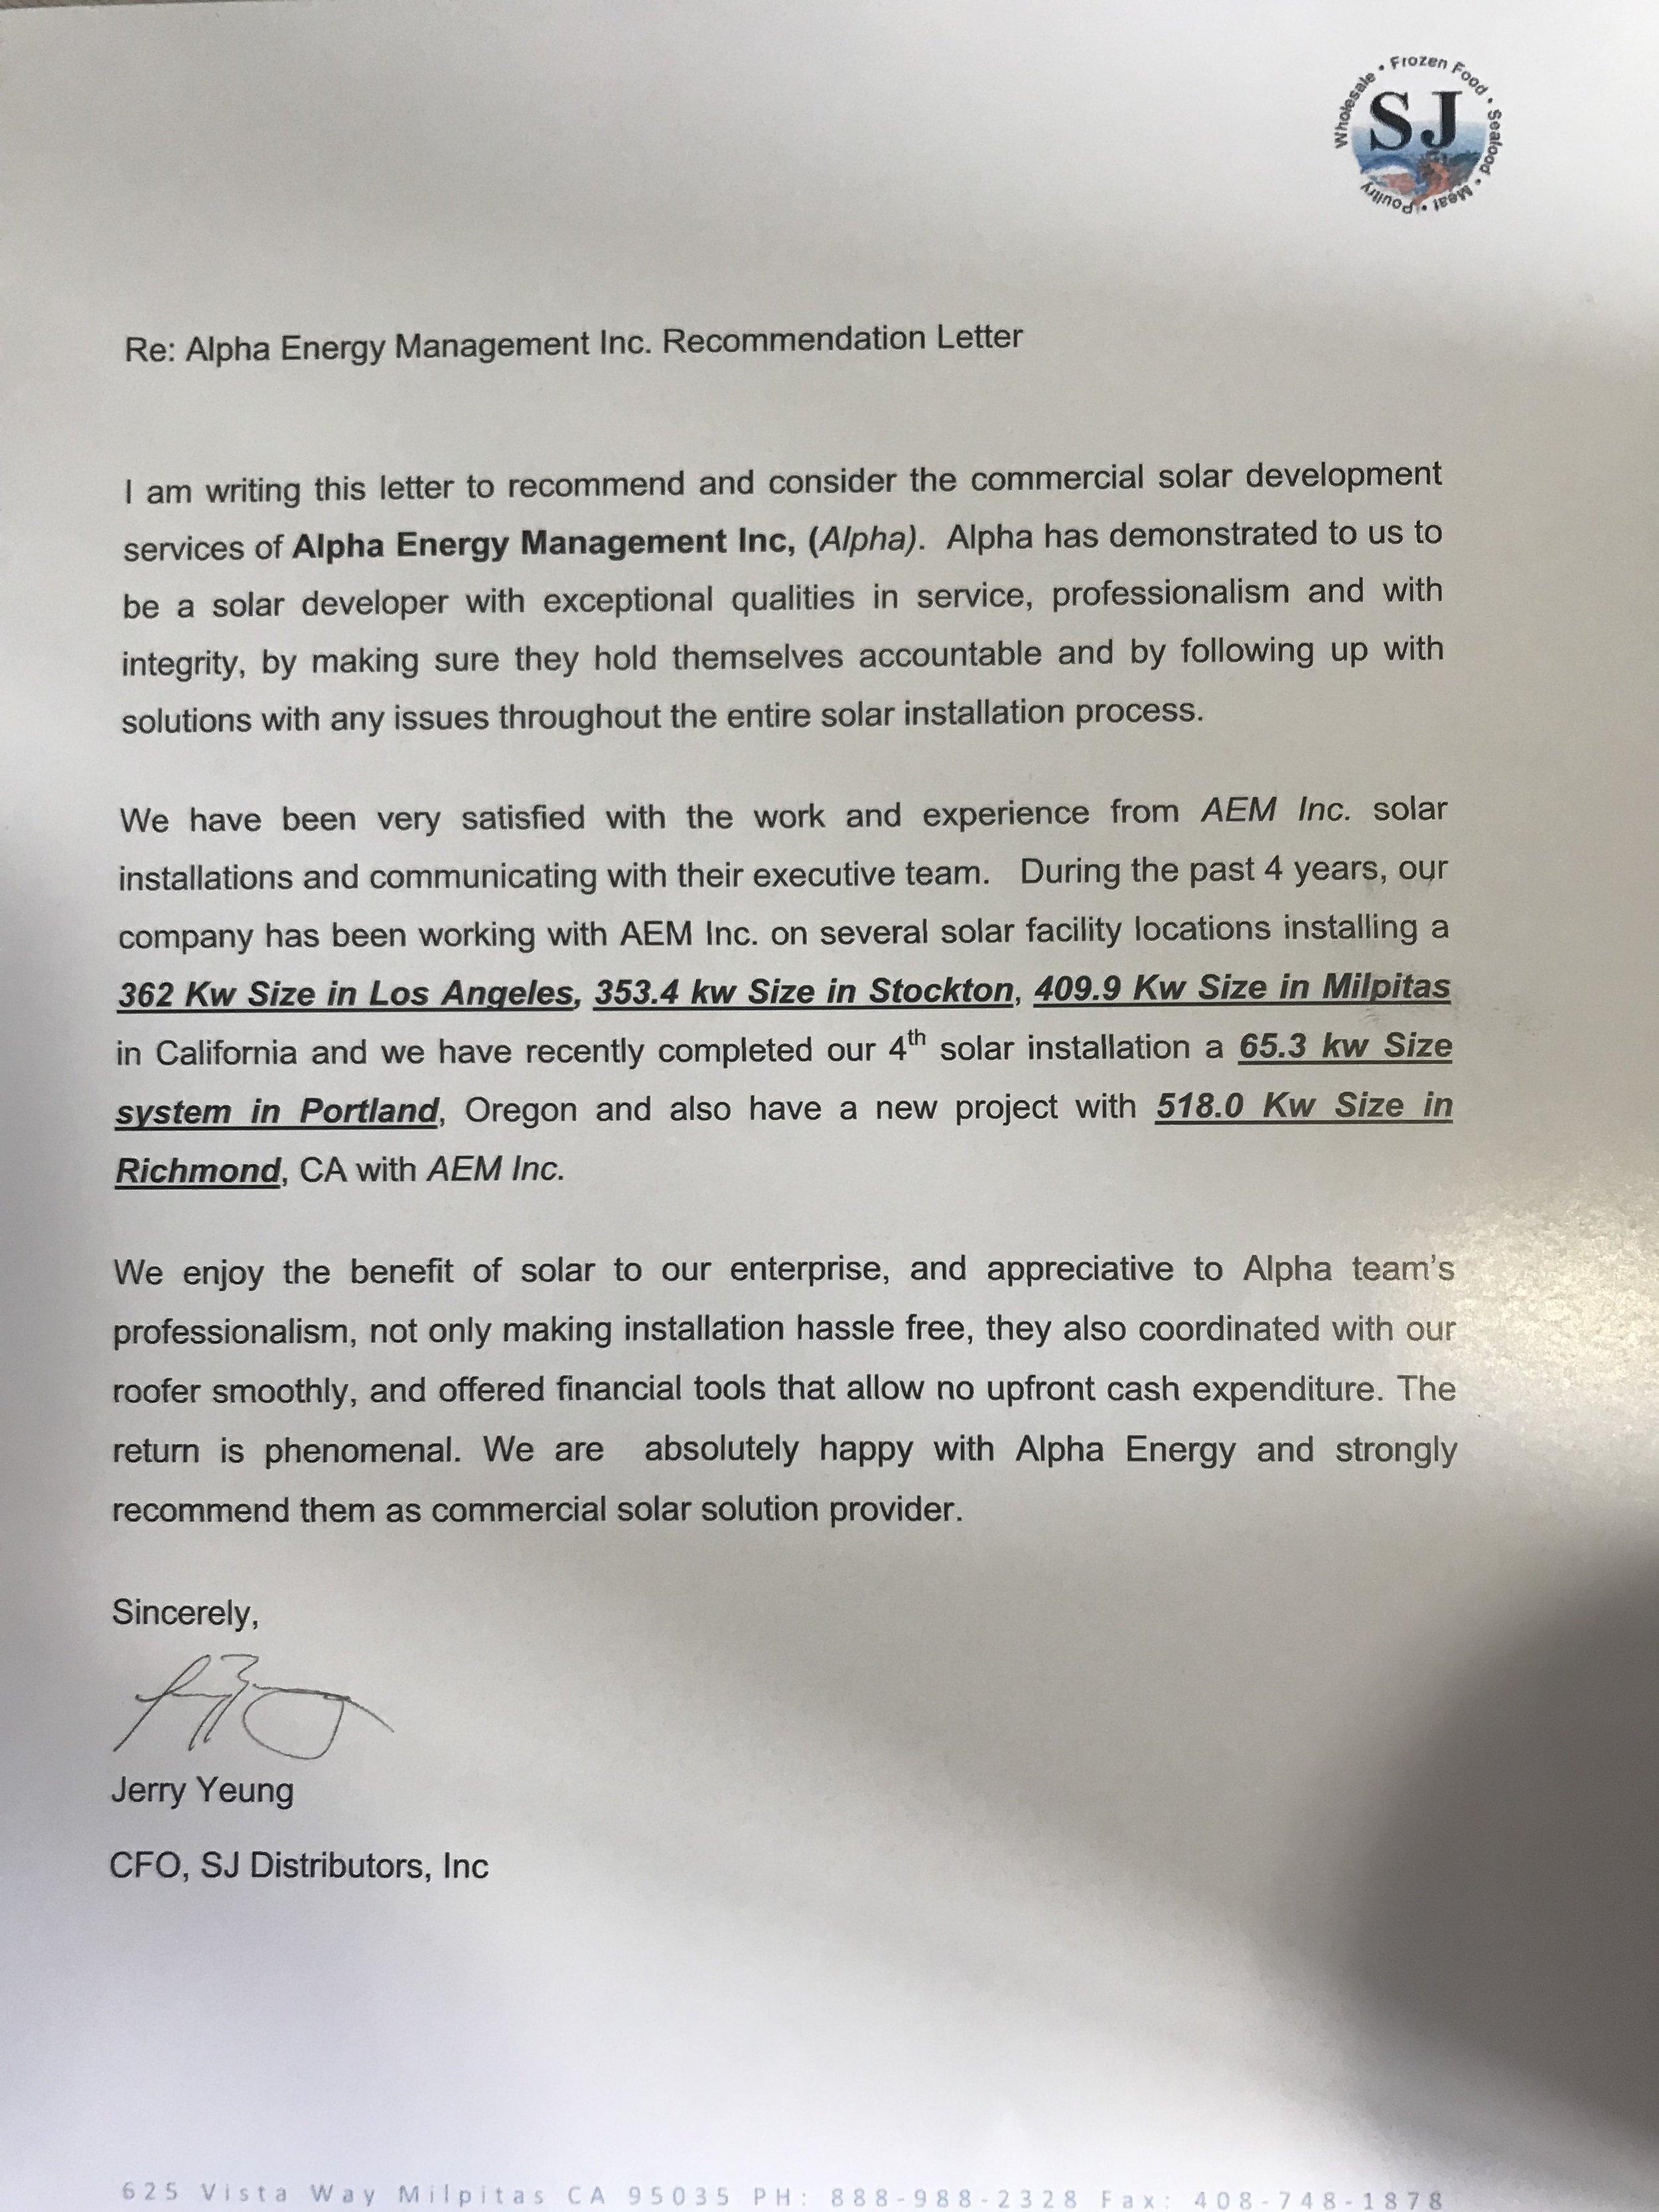 S&J Testimonial Letter Signed 2018.jpg